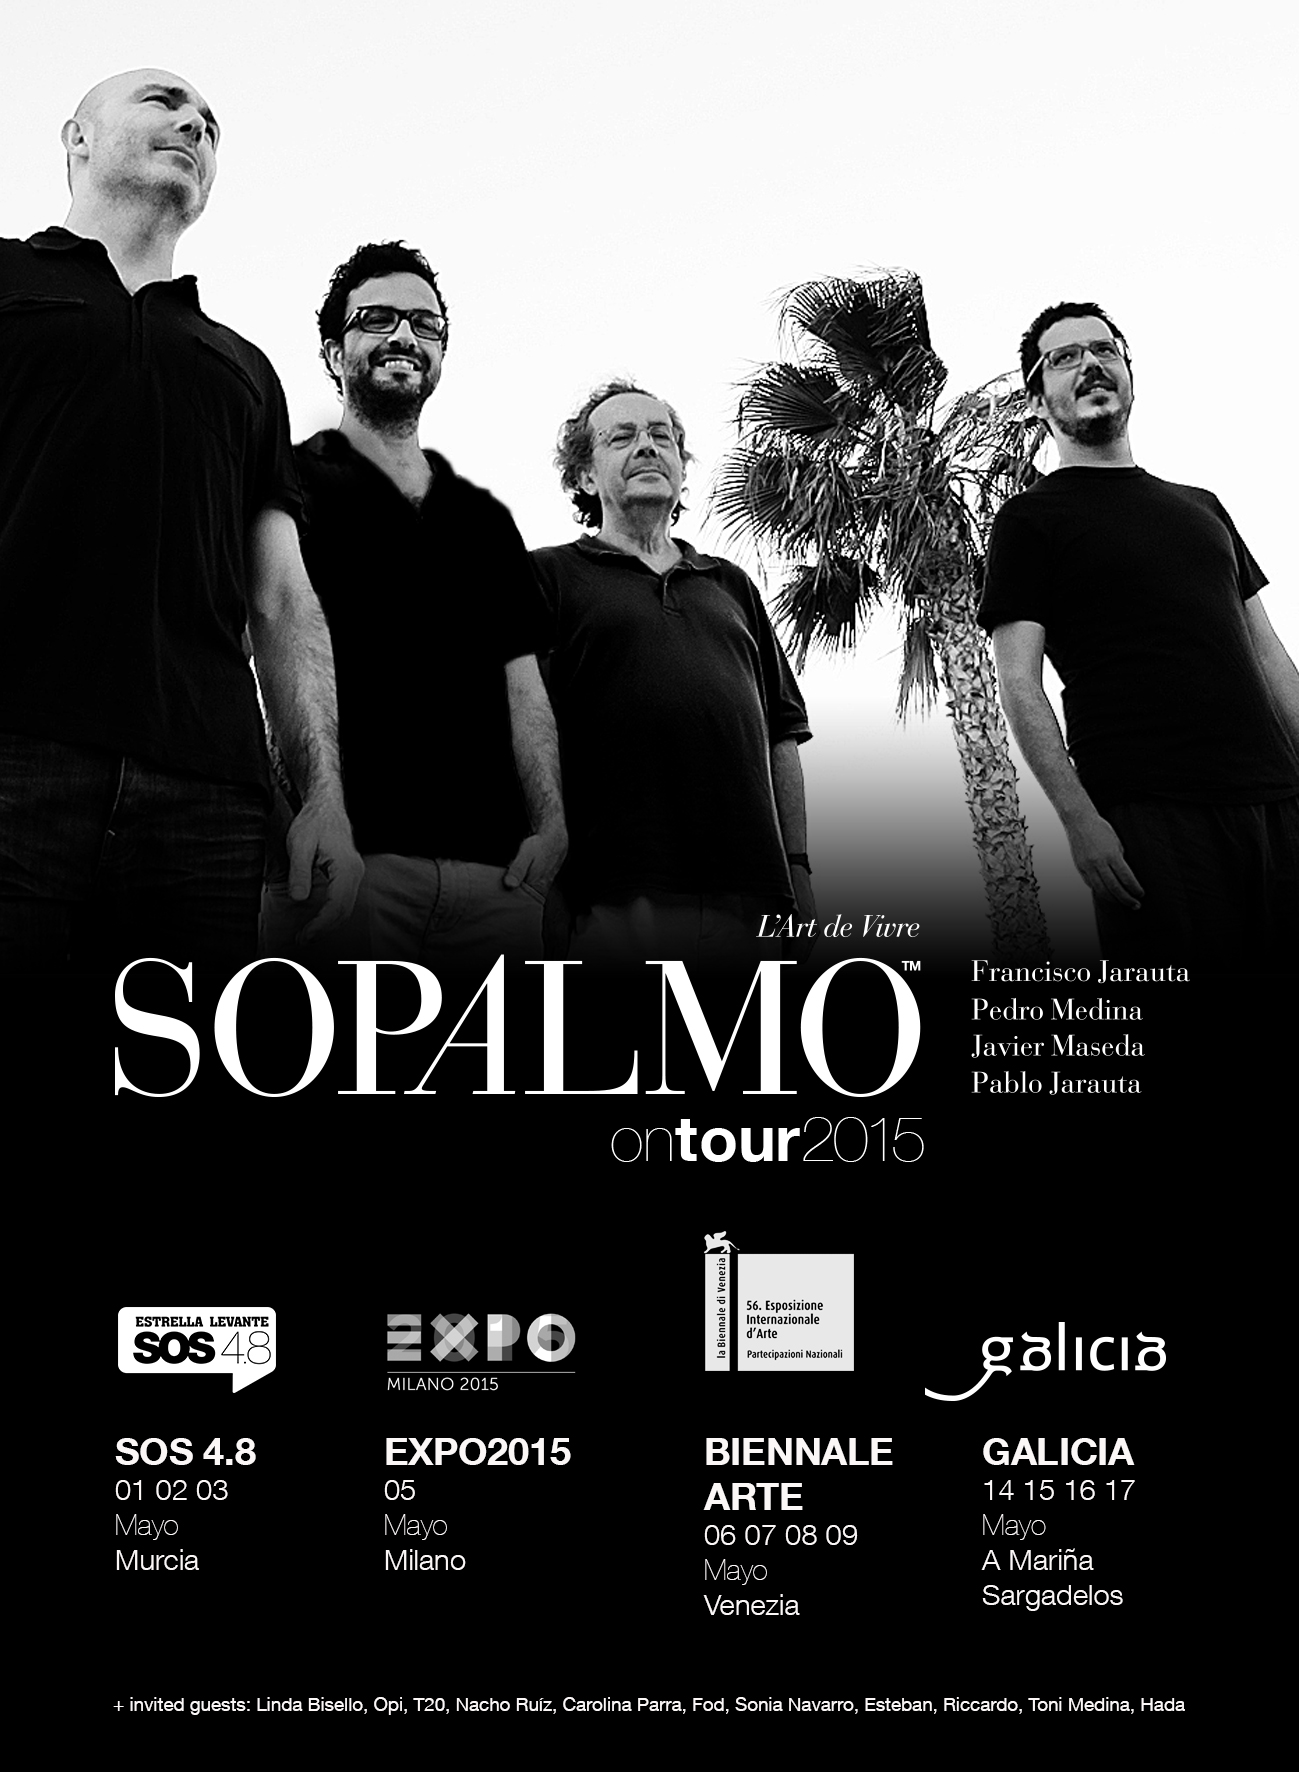 Sopalmo on Tour 2015